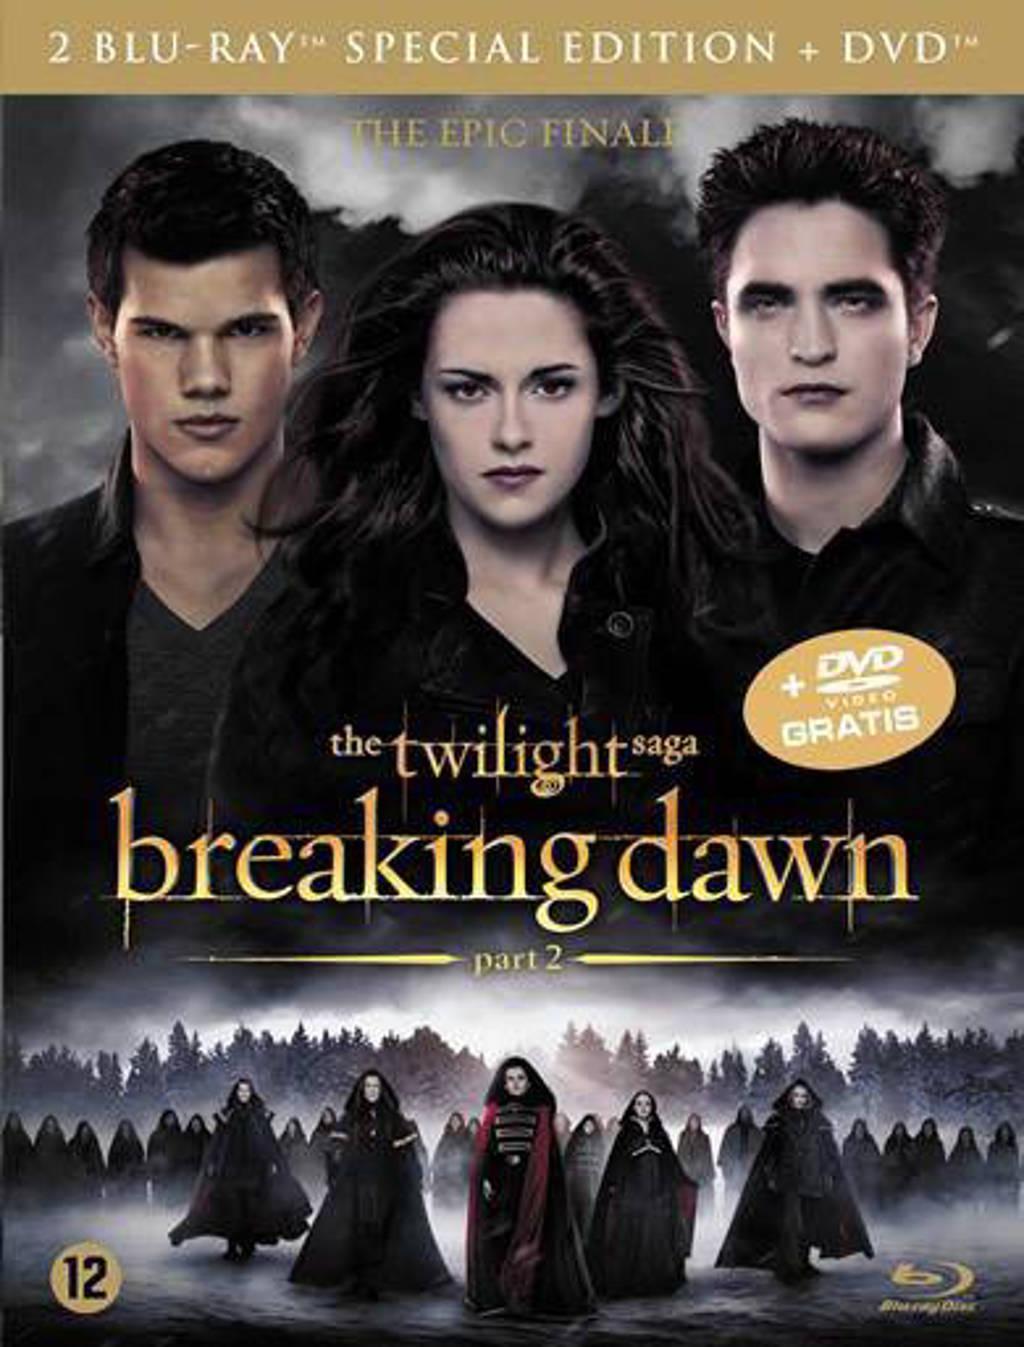 Twilight saga - Breaking dawn part 2 (Blu-ray)